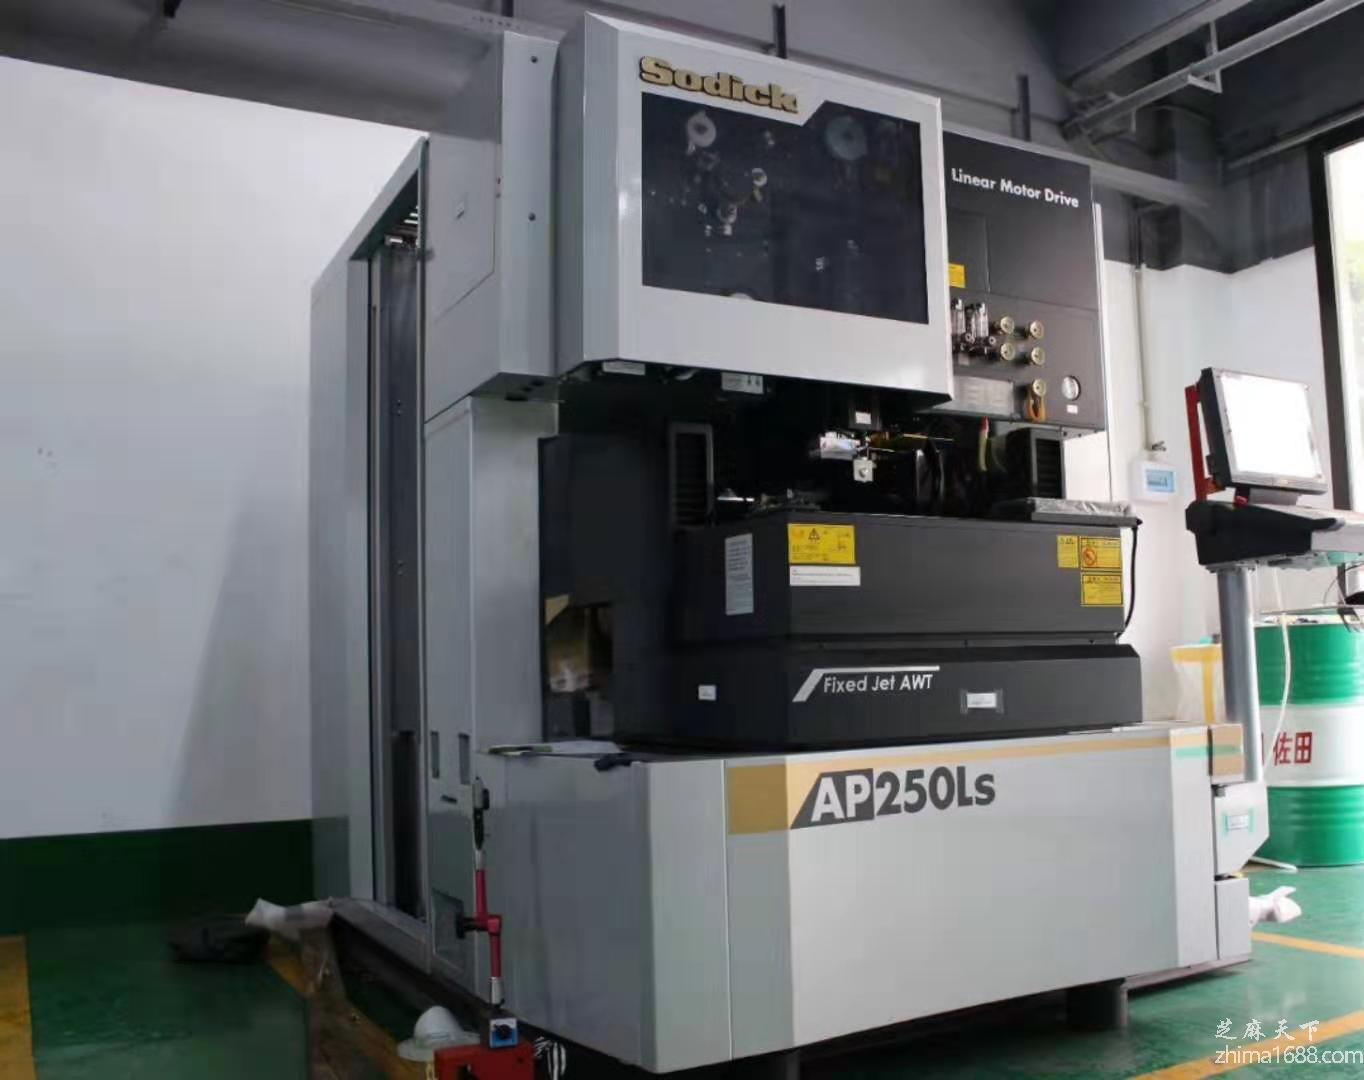 二手沙迪克AP250Ls慢走丝线切割机床(油割机)